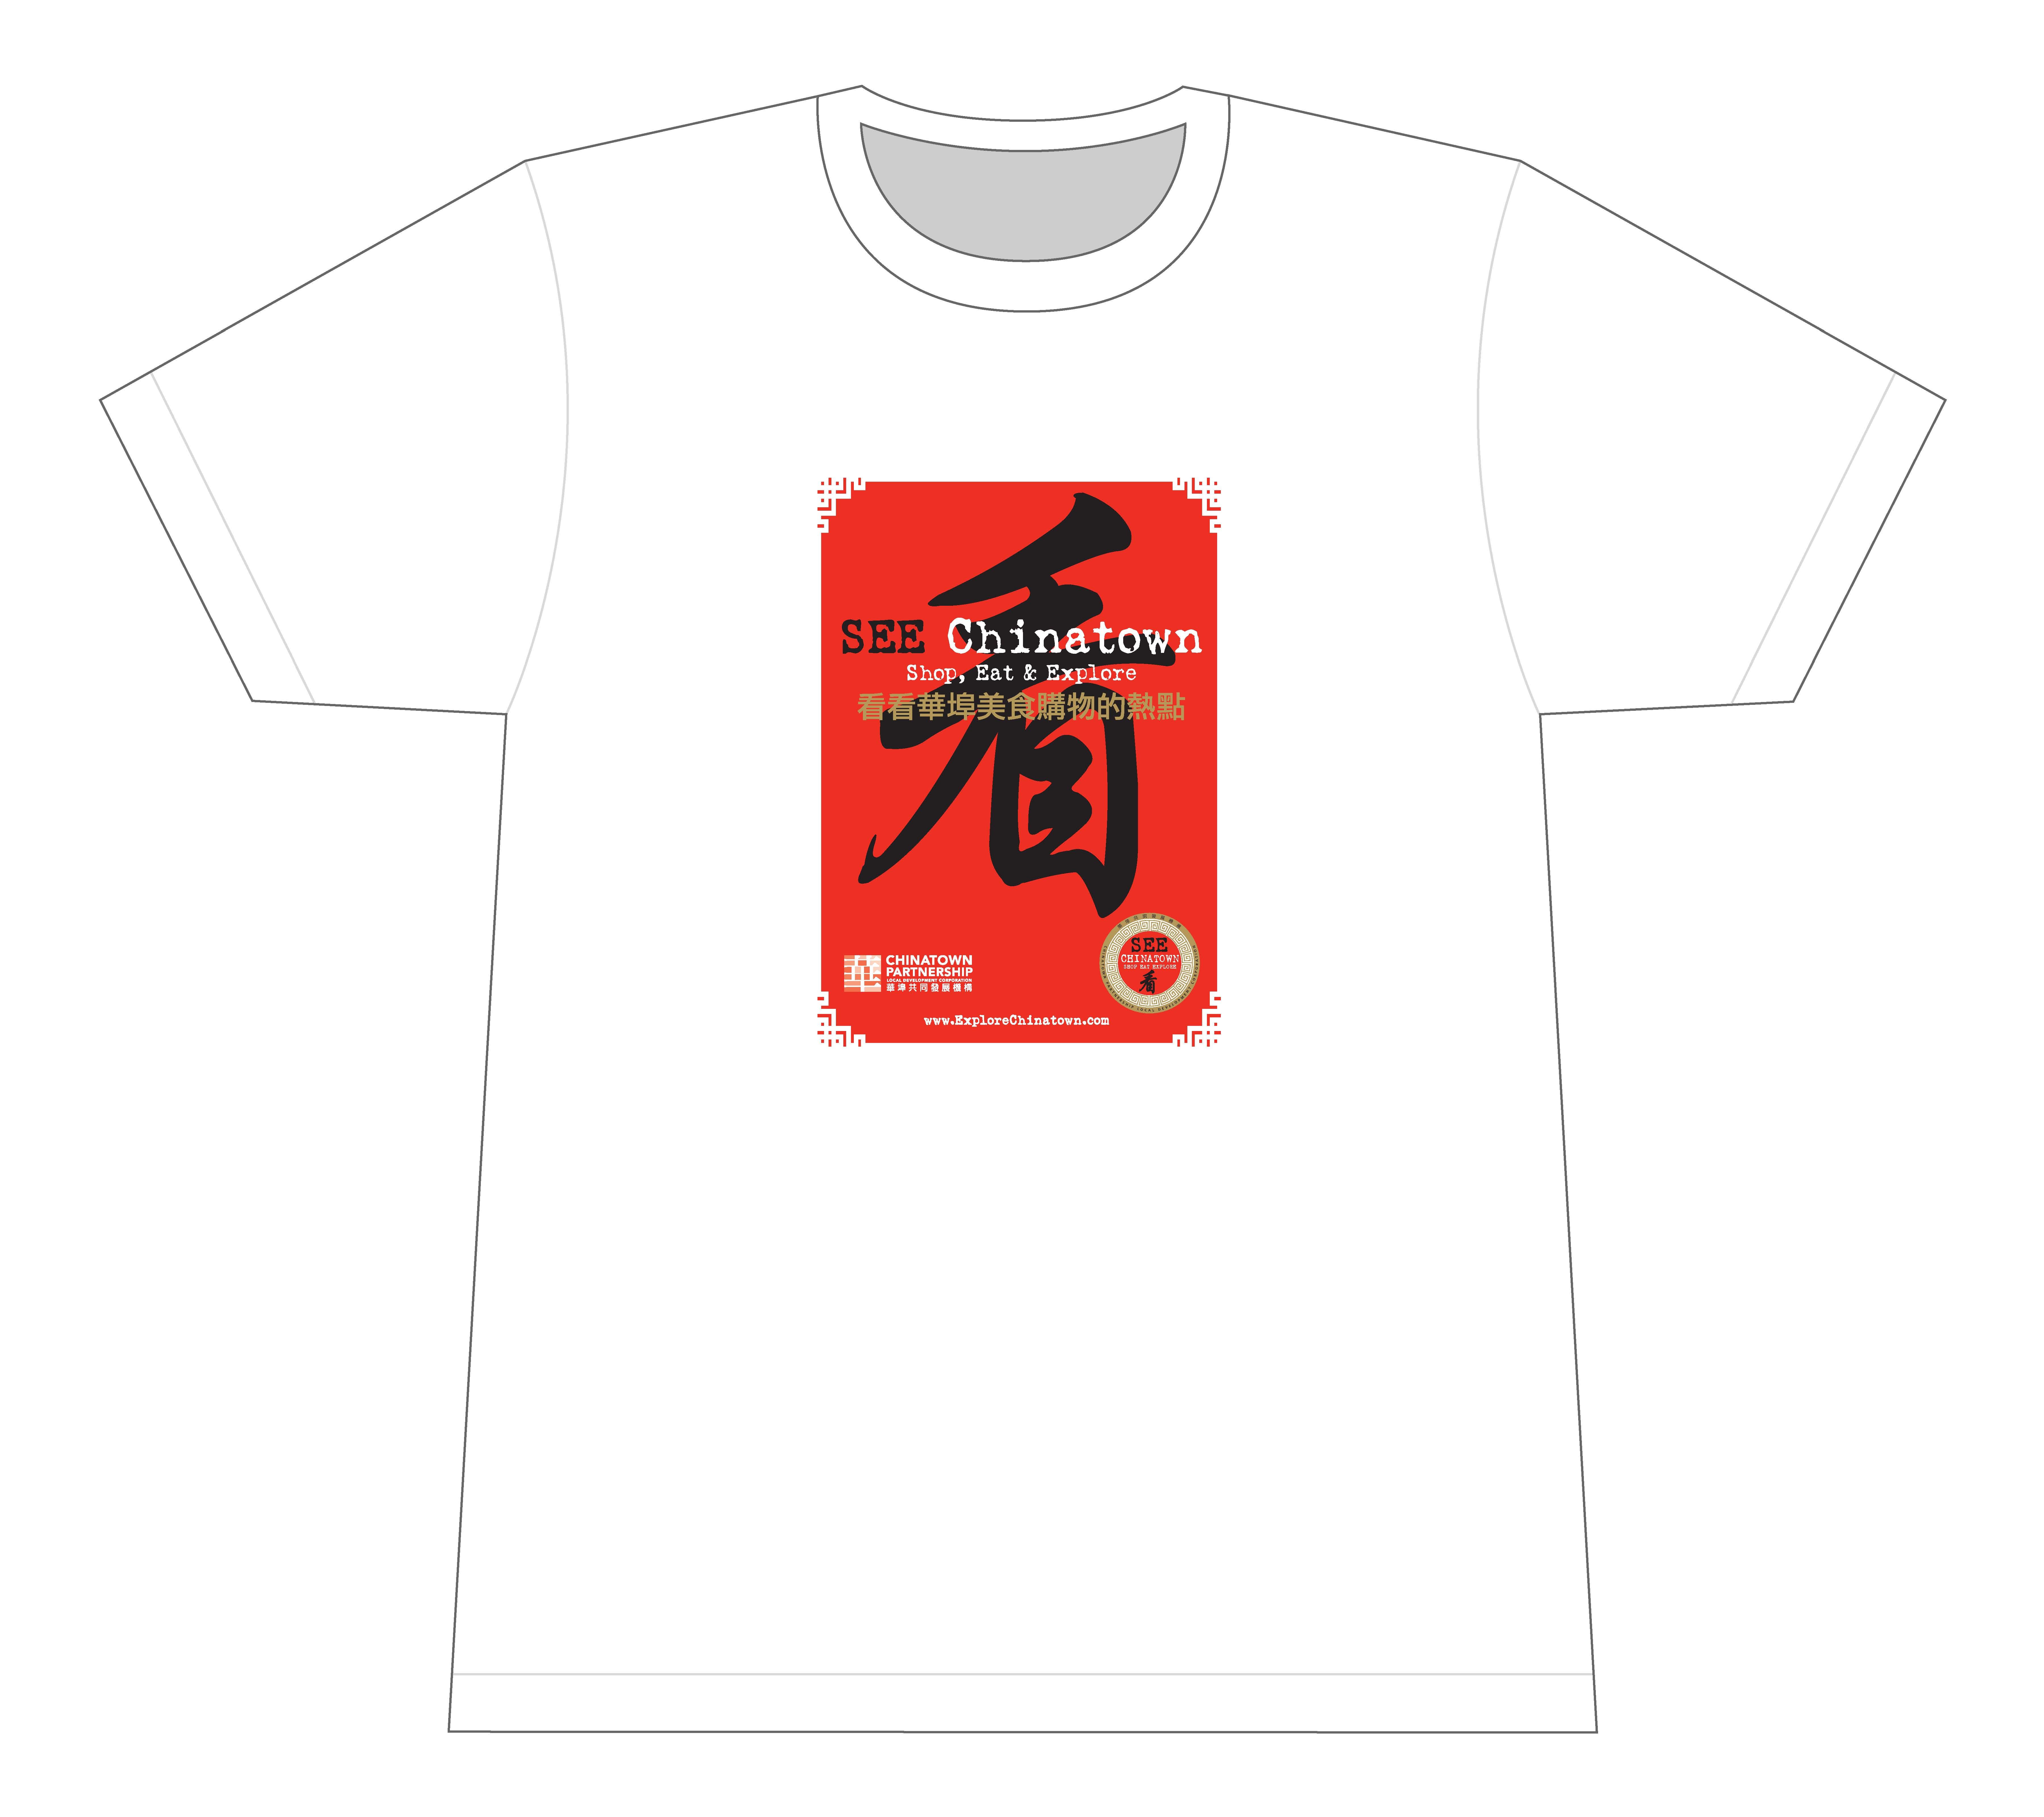 t shirt printing nyc chinatown